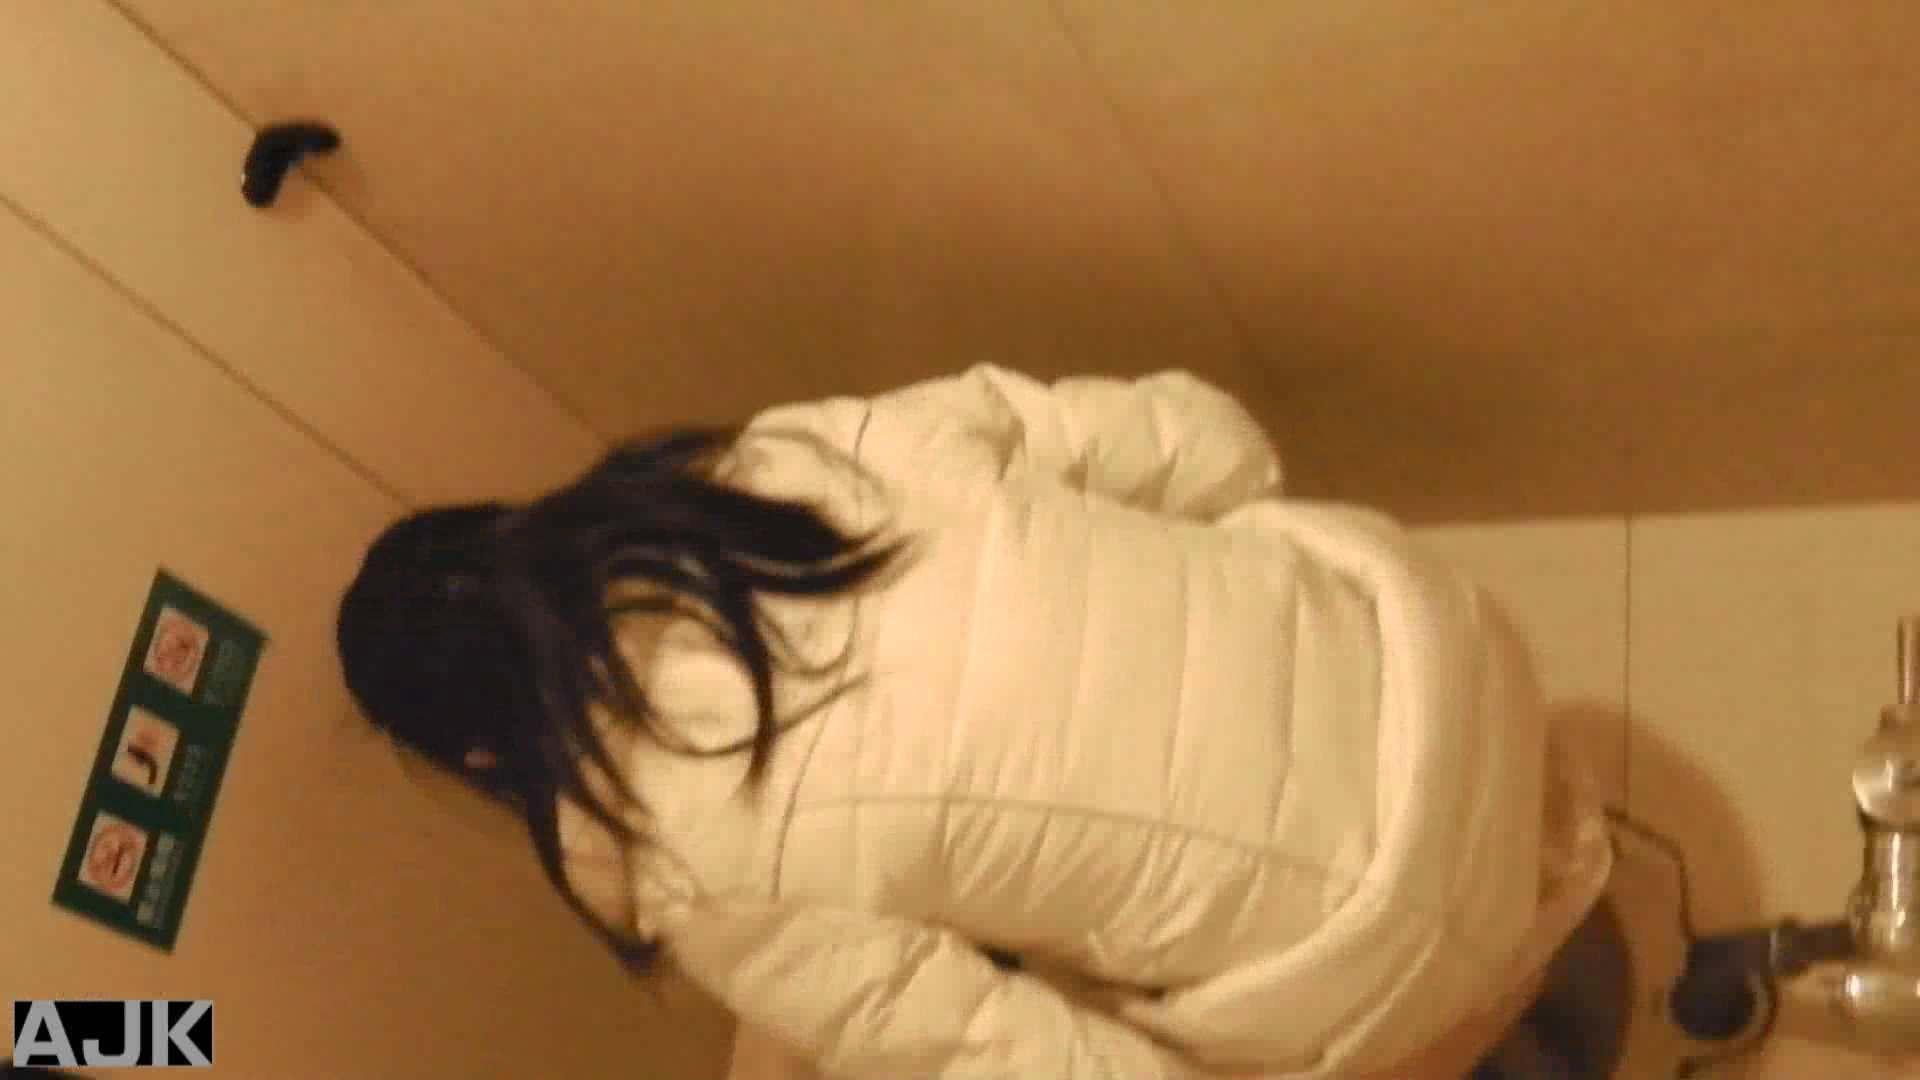 神降臨!史上最強の潜入かわや! vol.10 お色気美女 アダルト動画キャプチャ 80枚 61